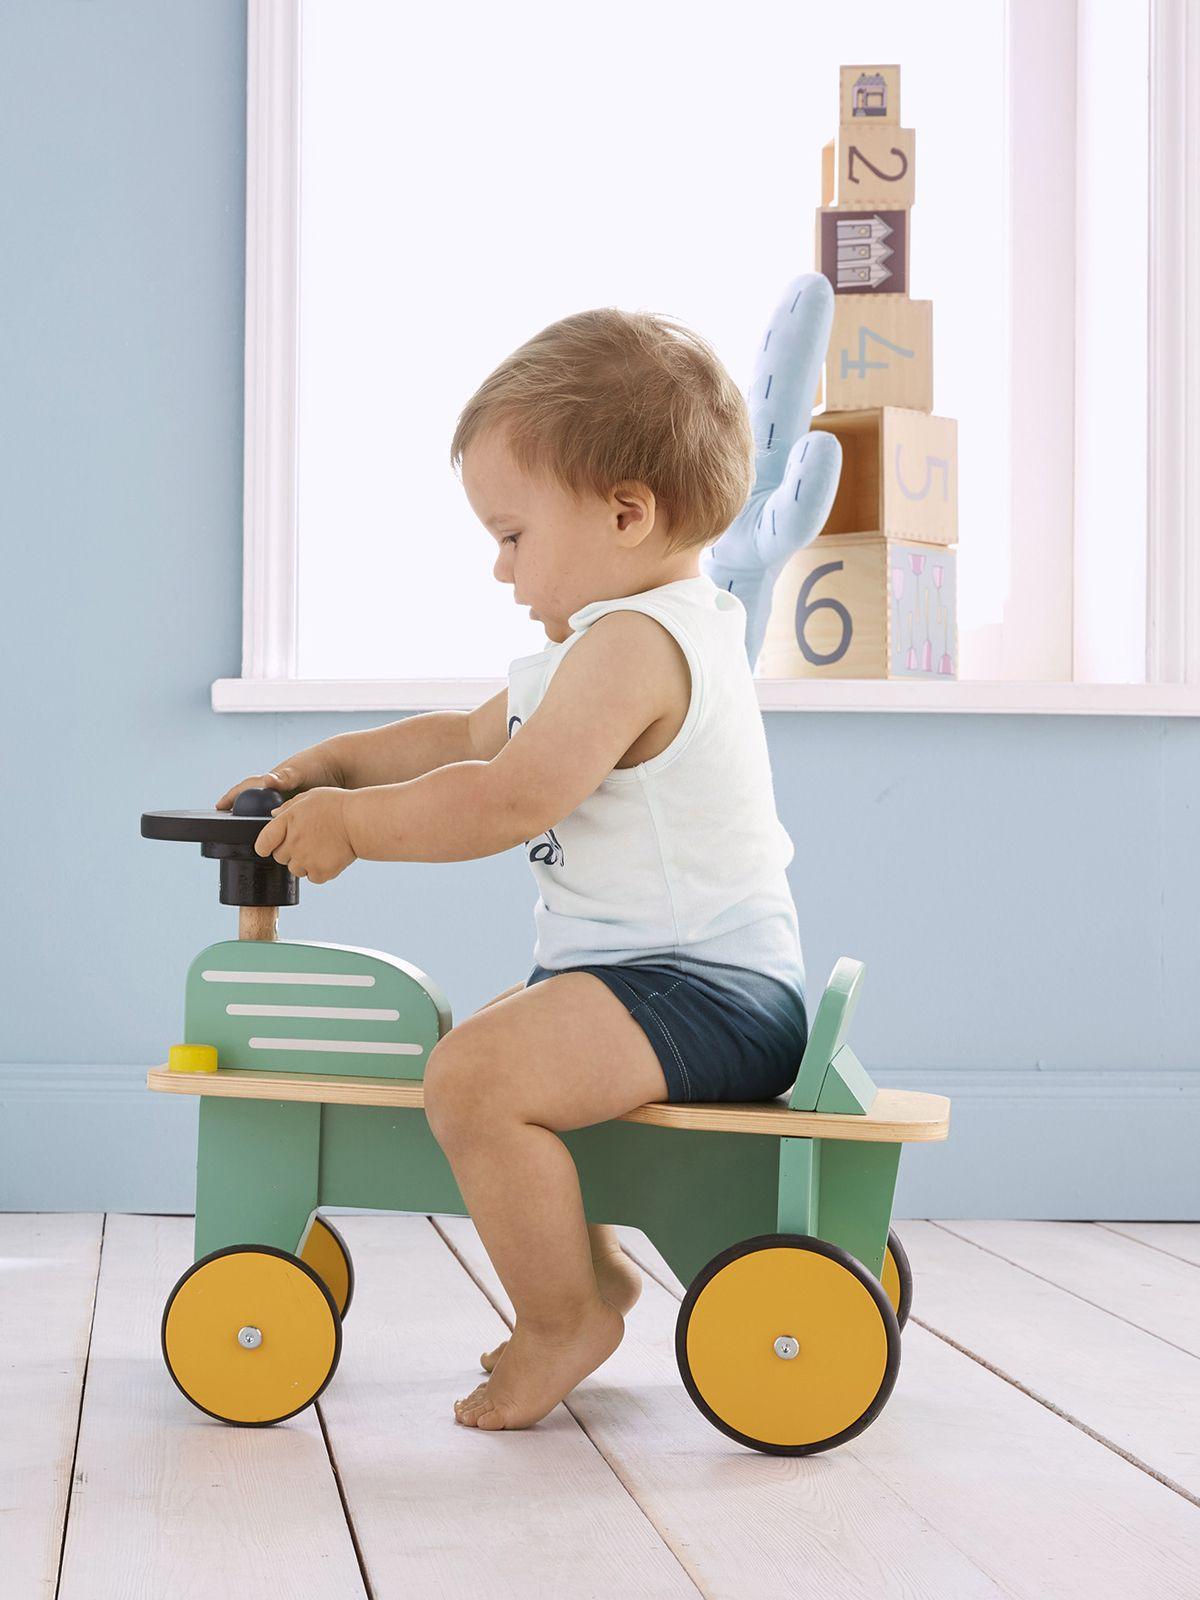 Tracteur #porteur En #bois #jouetbois #jouetbebe #bebe encequiconcerne Jeux En Ligne Pour Tout Petit